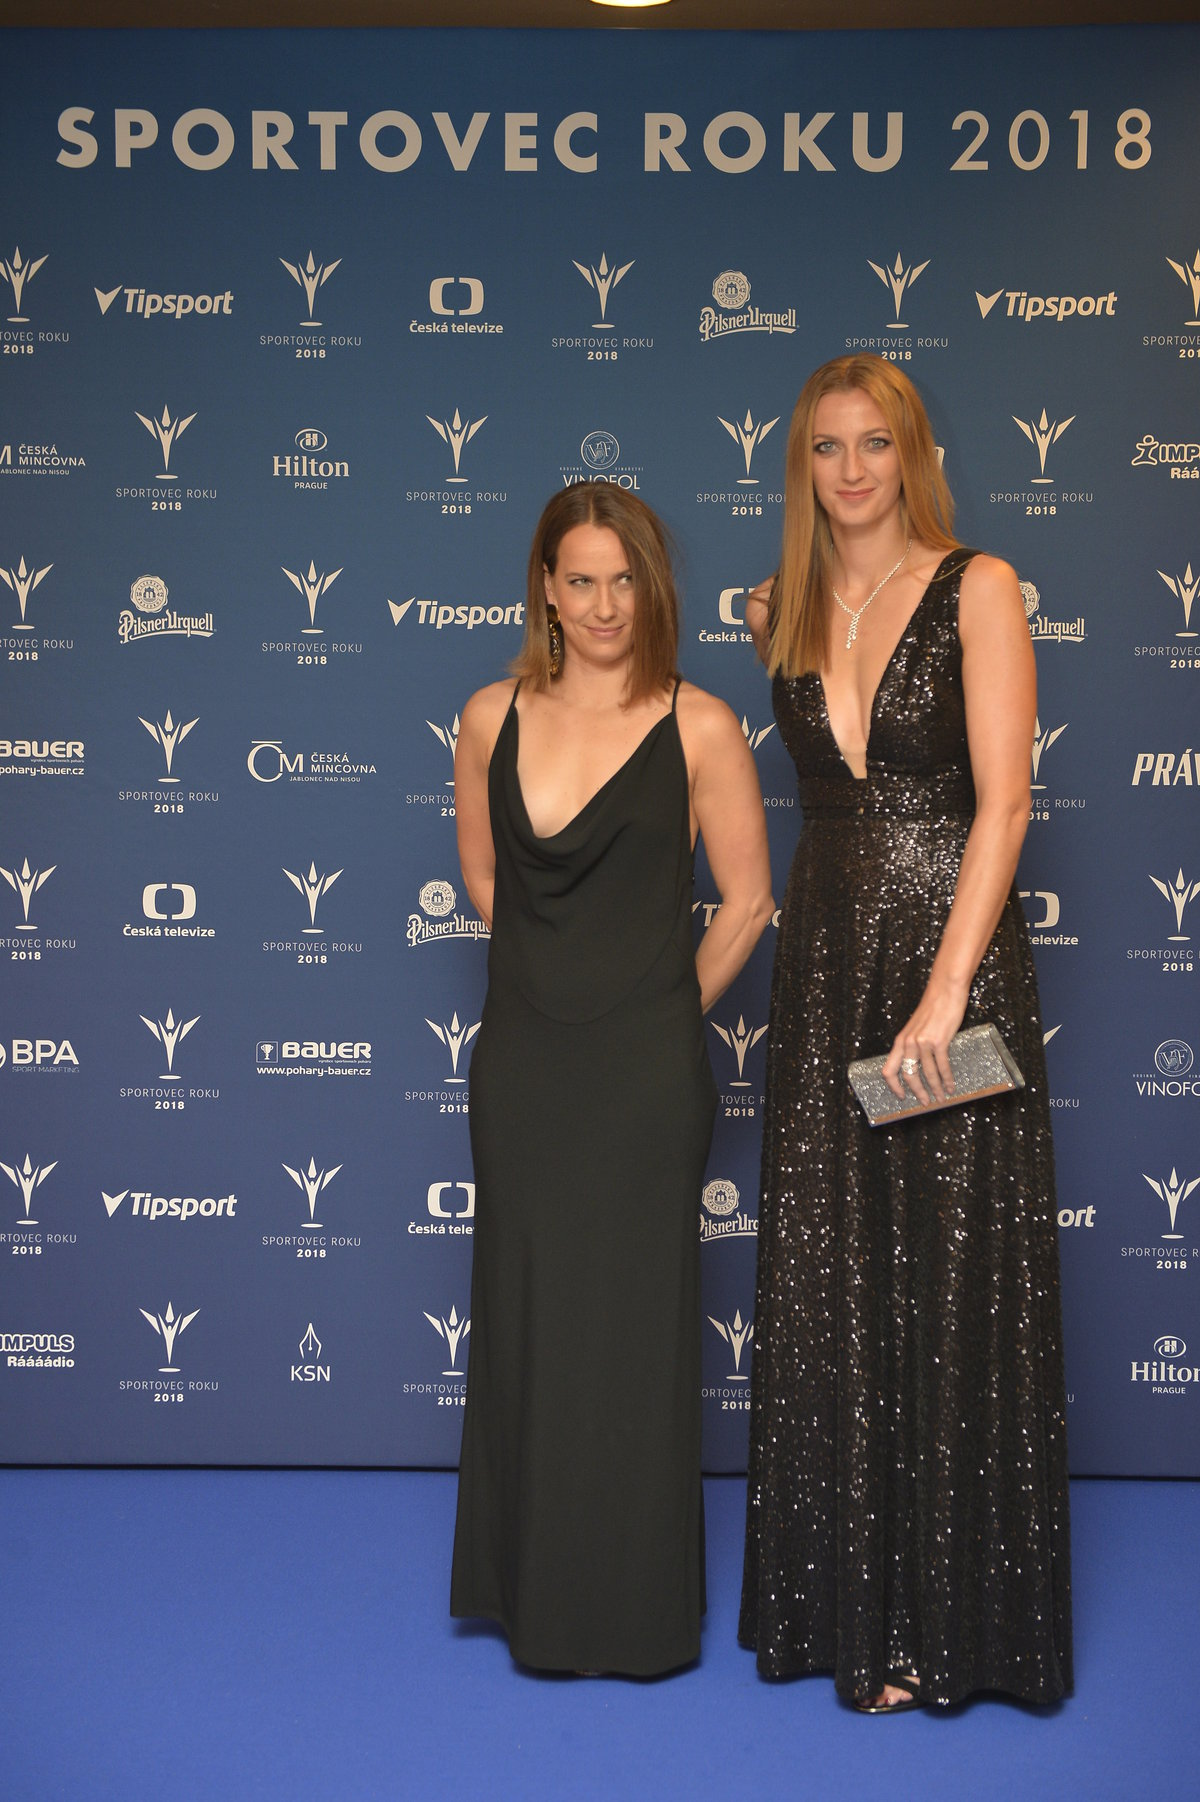 Tenistky Barbora Strýcová s Petrou Kvitovou na vyhlašování ankety Sportovec roku